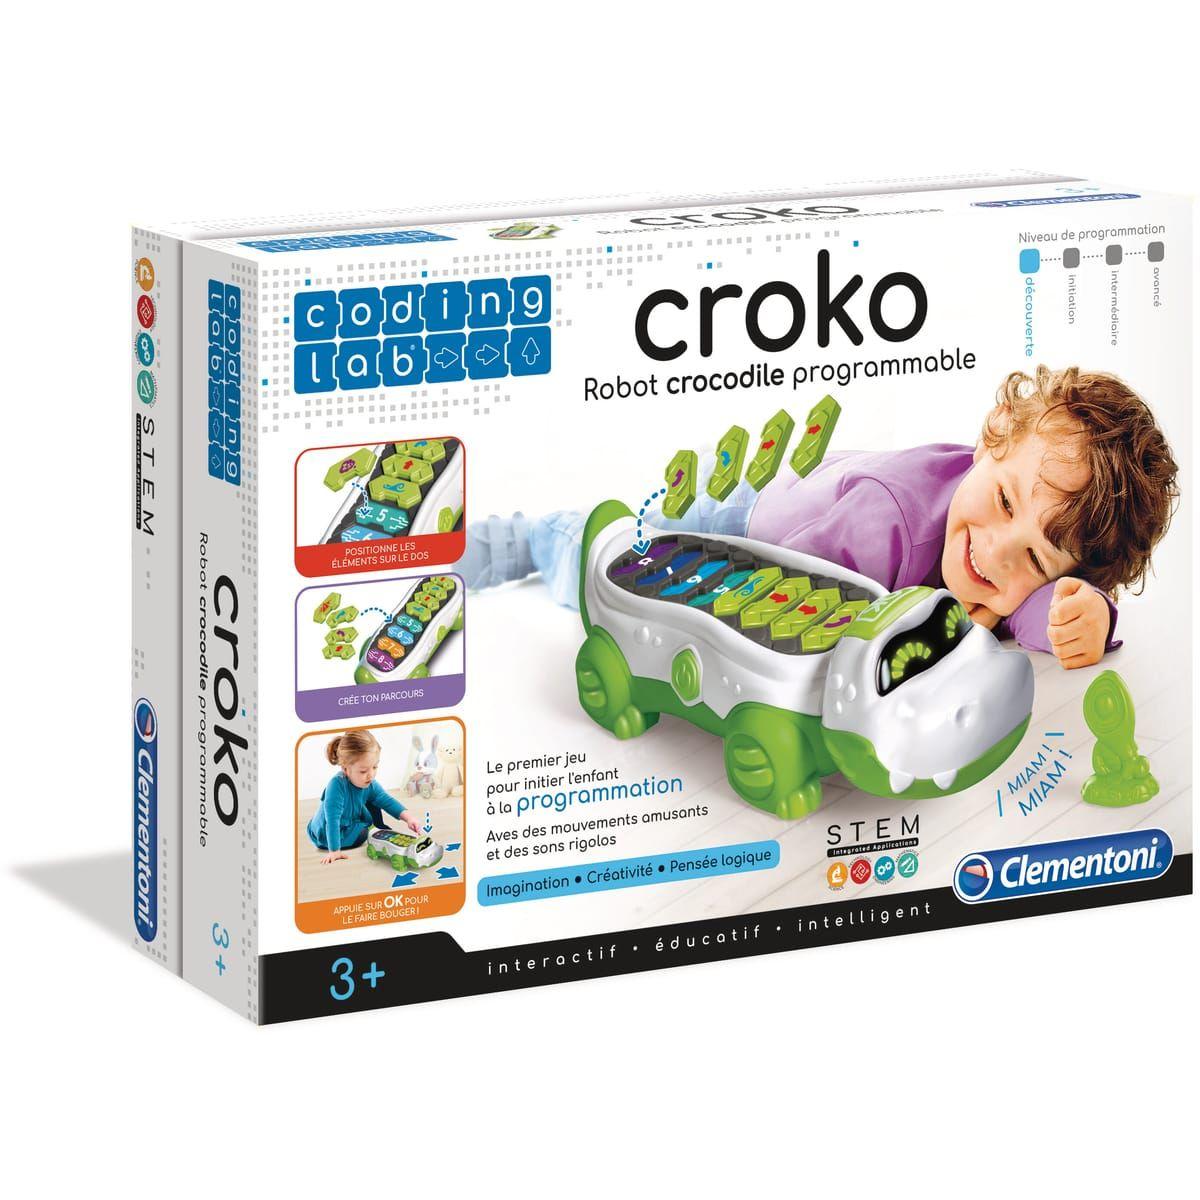 Robot crocodile programmable Clementoni Croko